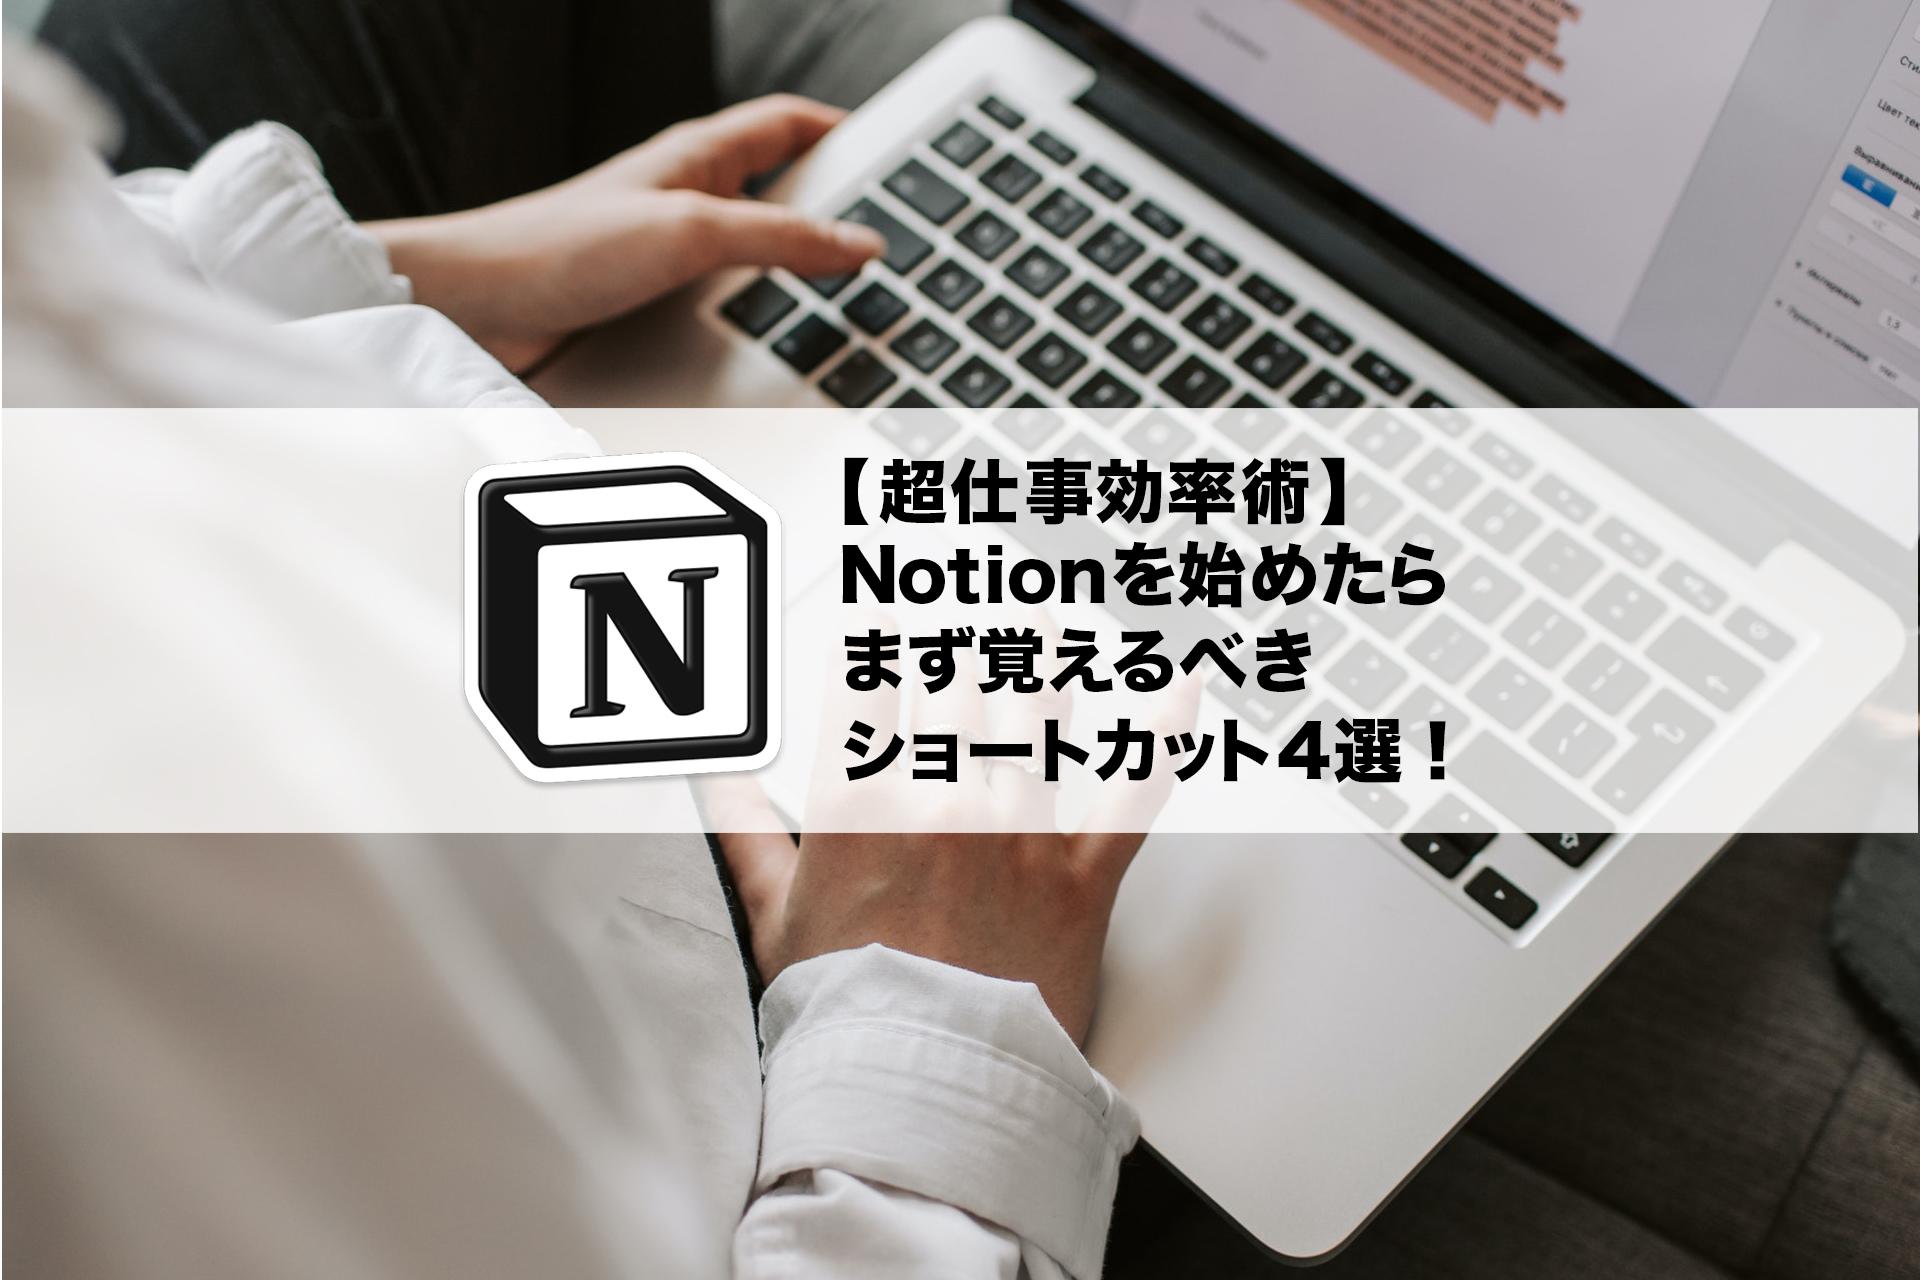 【超仕事効率術】Notionを始めたらまず覚えるべきショートカットキー4選!